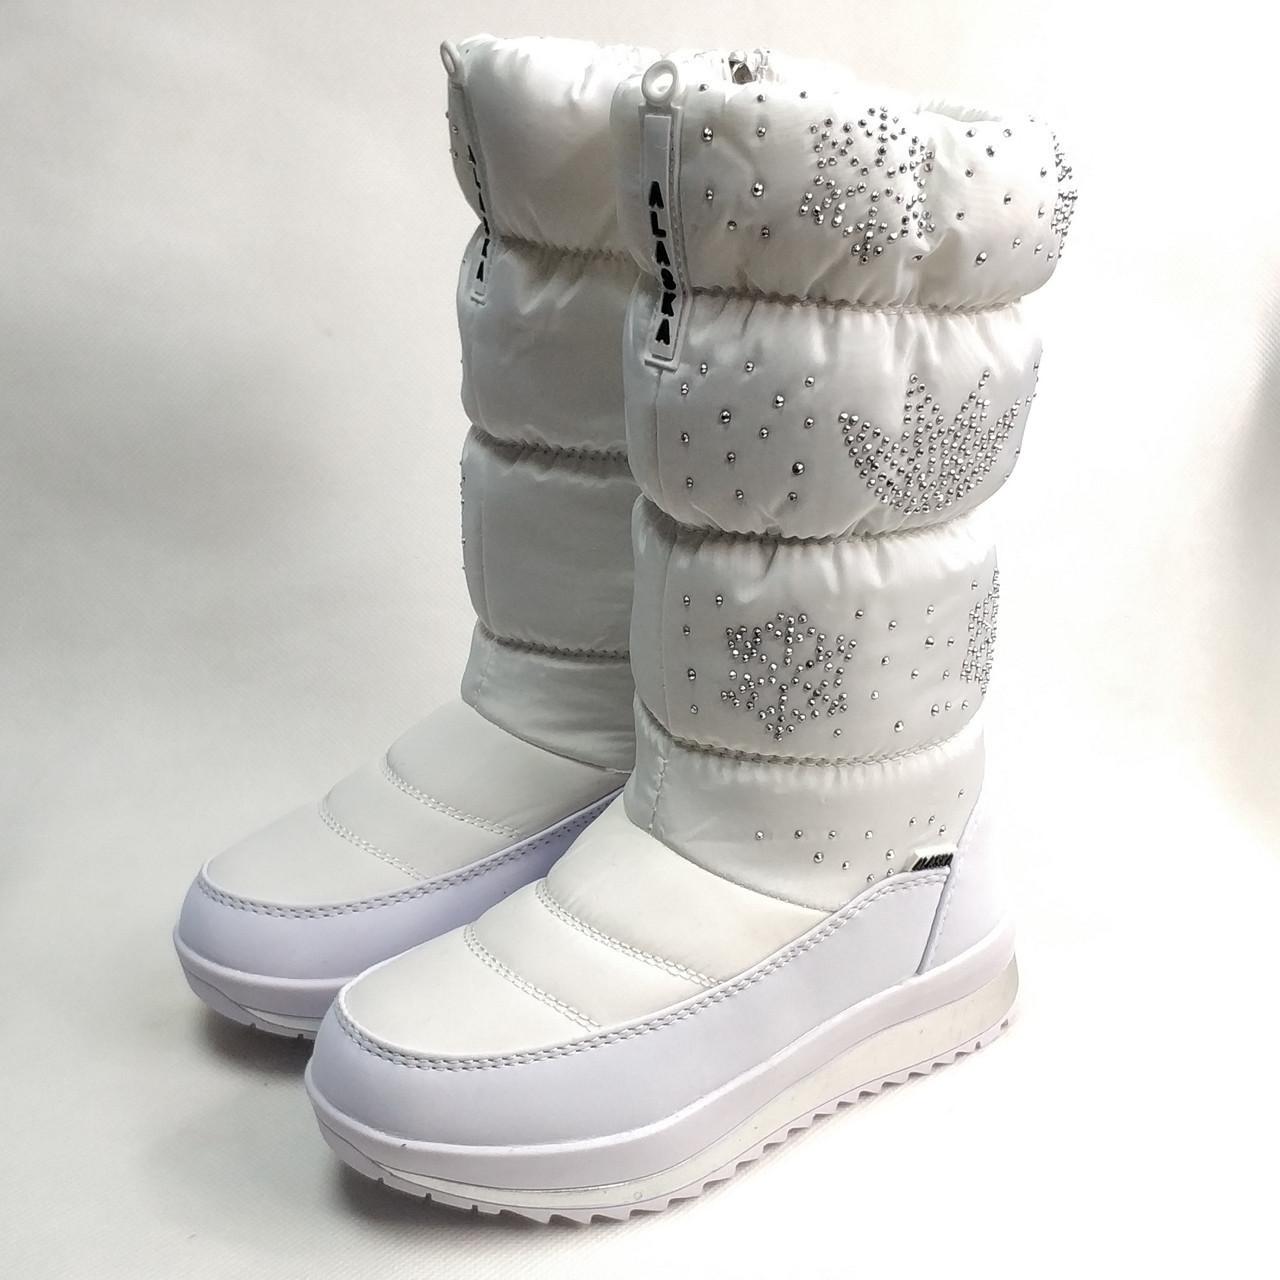 Детские подростковые дутики зимние сапоги на зиму для девочки белые Alaska 34р.